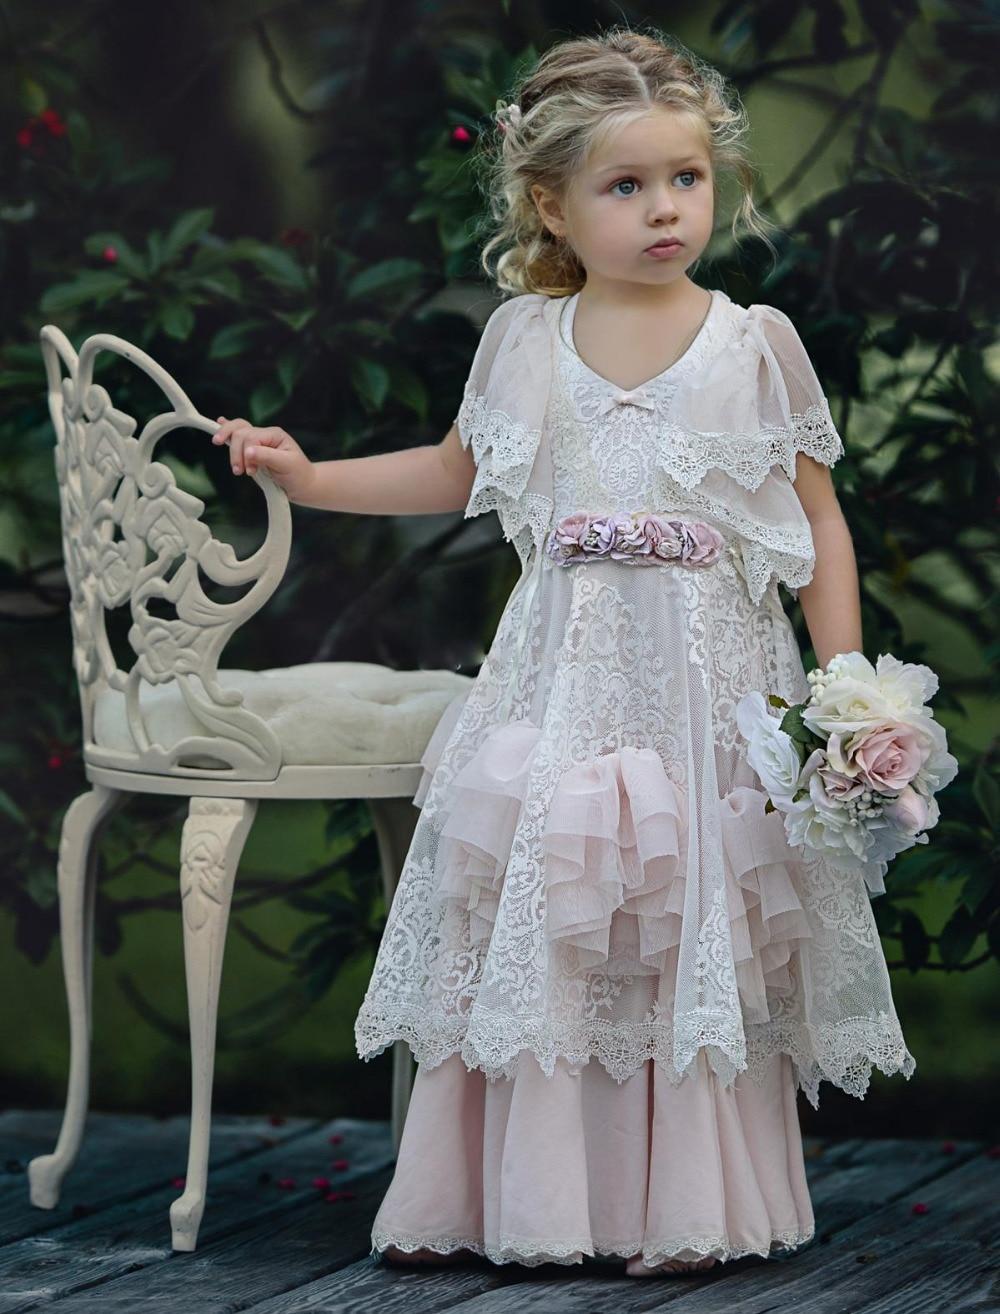 Berühmt Baby Parteikittel Kleid Bilder - Hochzeit Kleid Stile Ideen ...